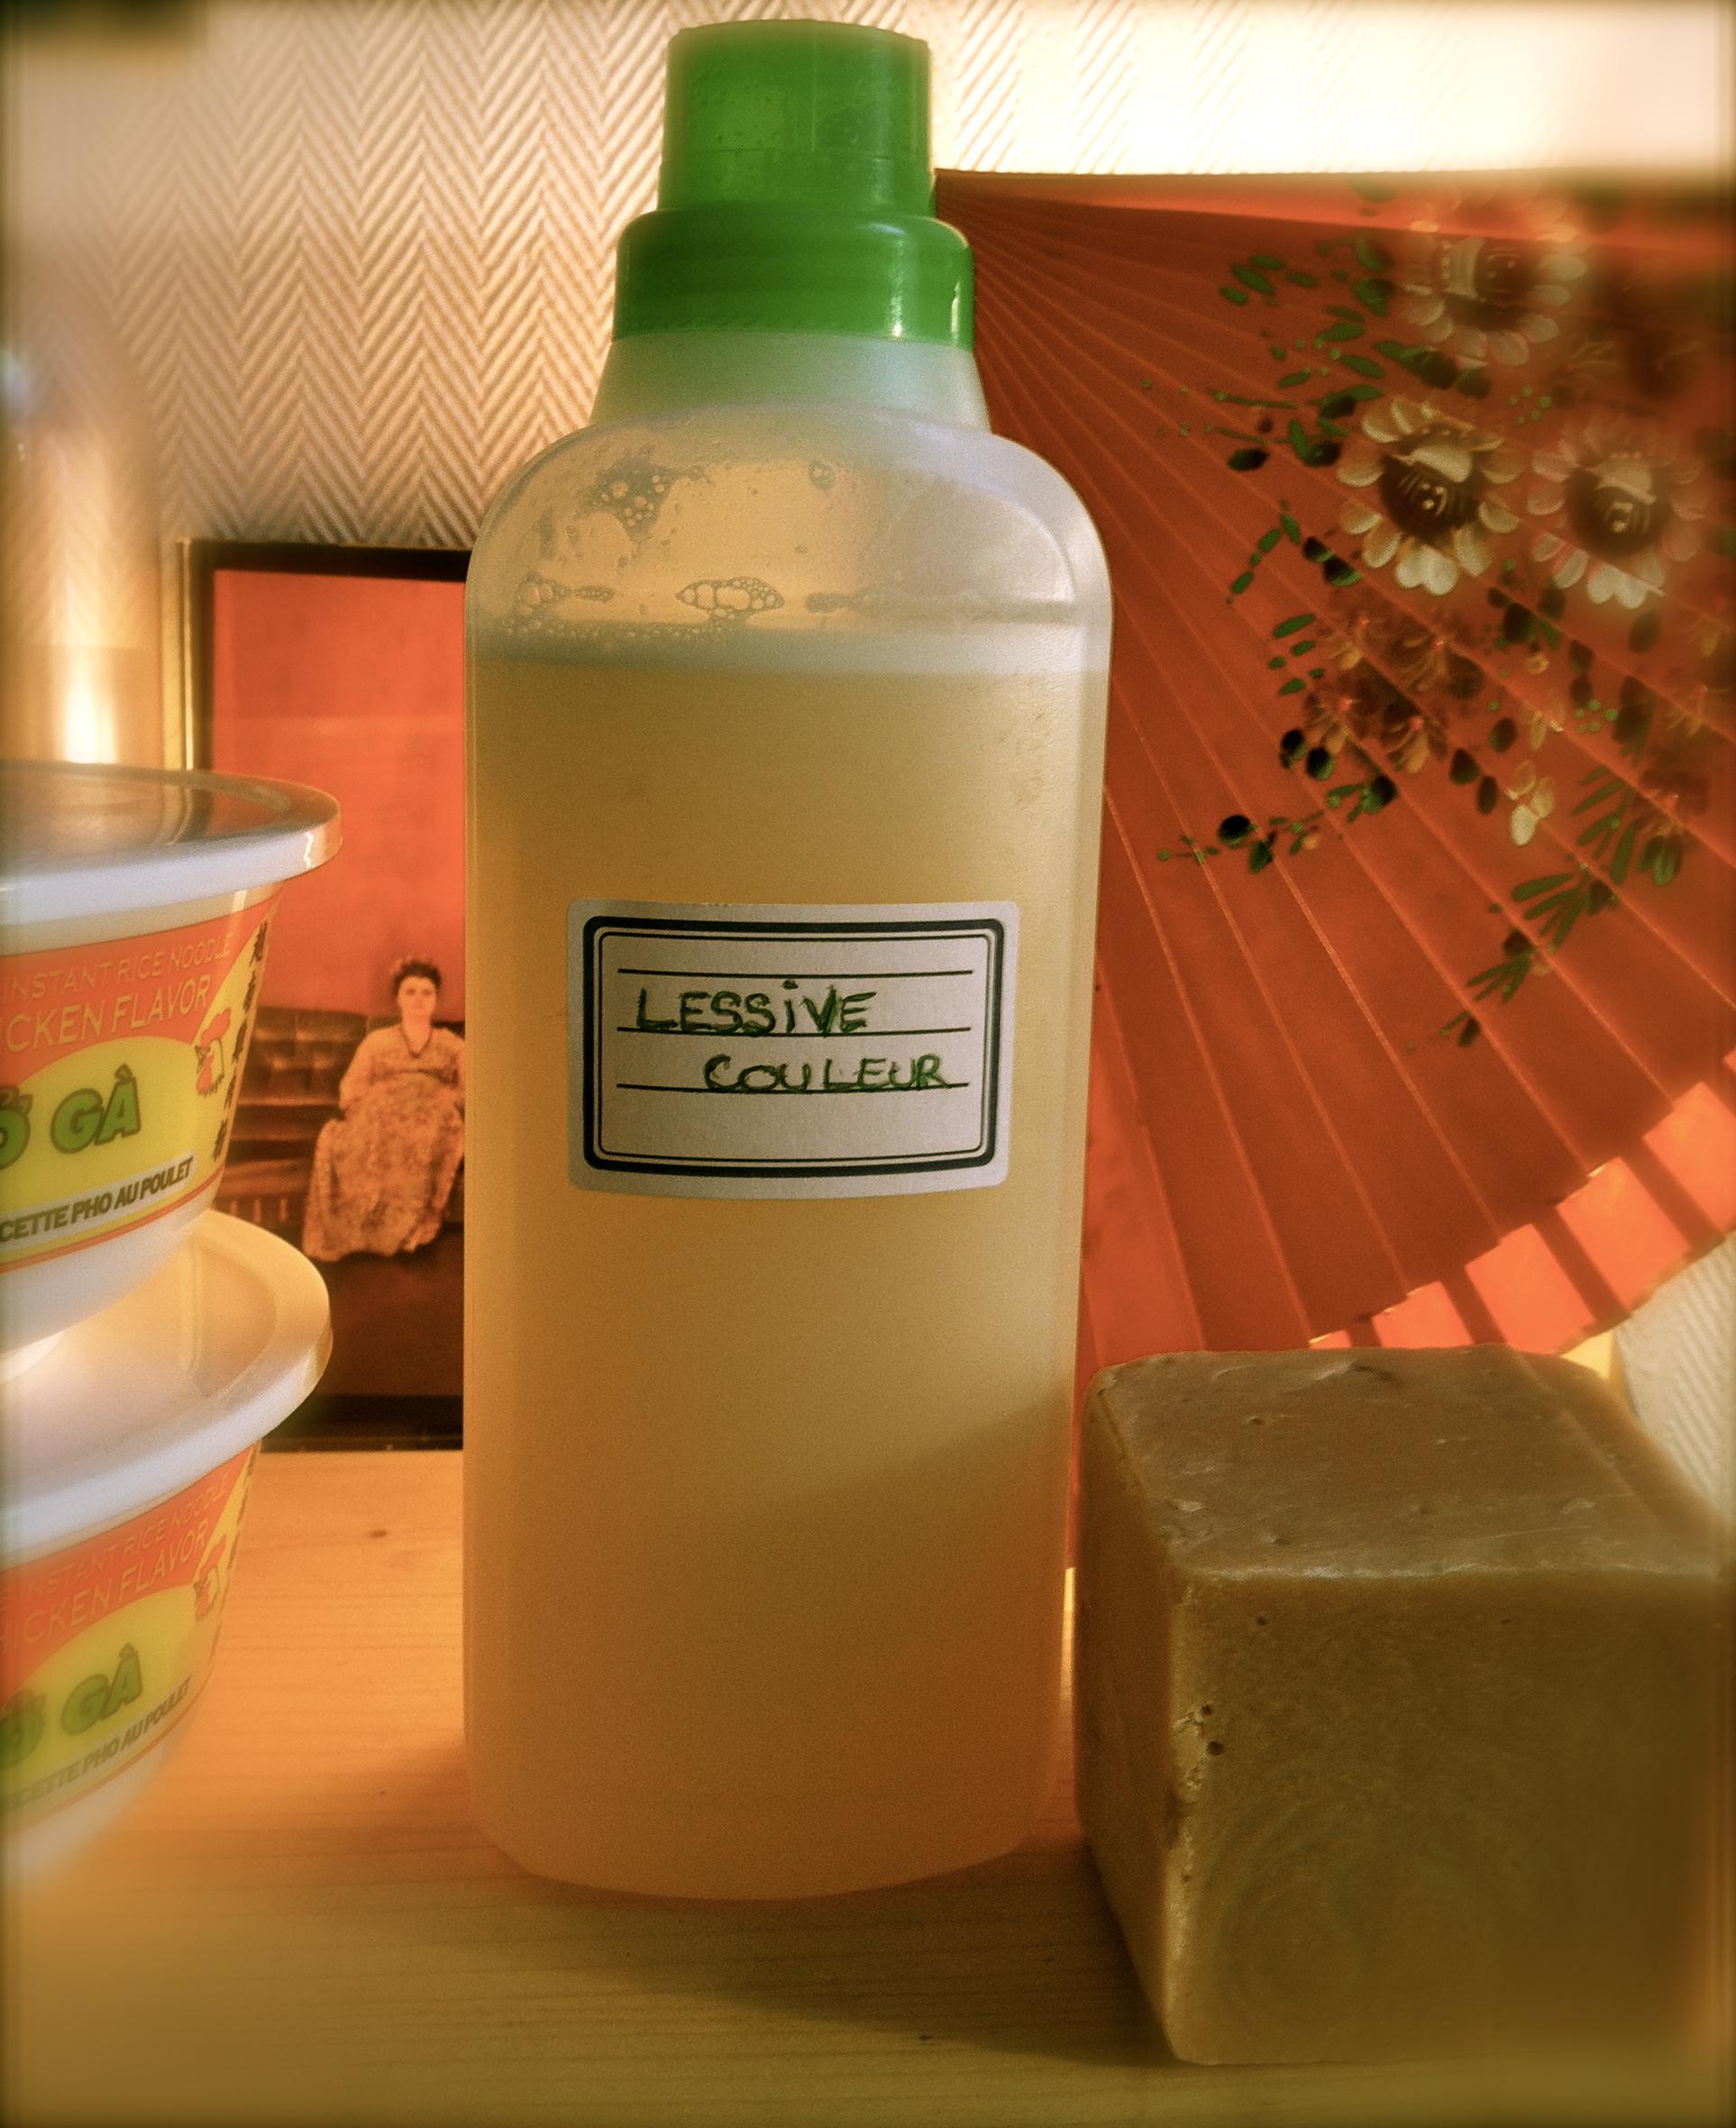 Entretien naturel de la maison des solutions simples et - Difference entre vinaigre blanc et vinaigre d alcool ...